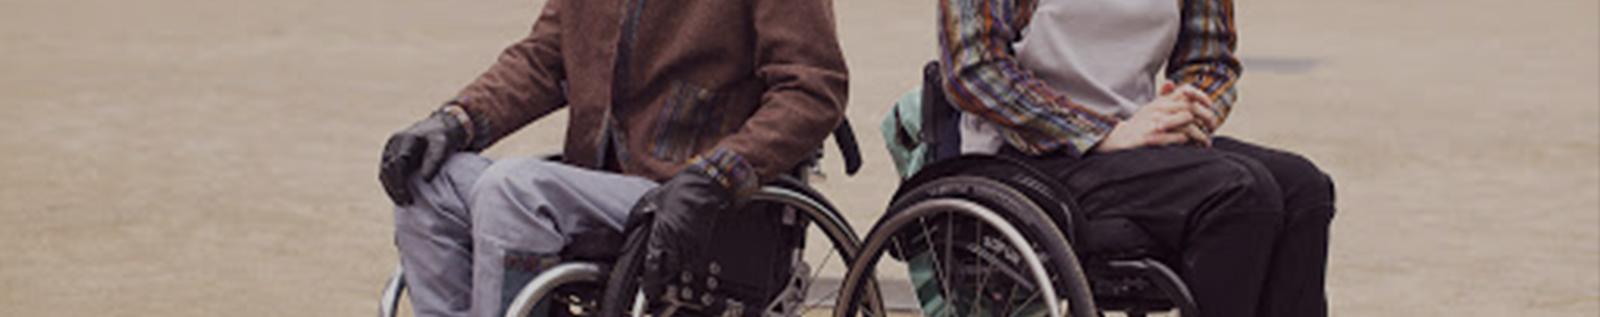 Wheel Chair Gloves | Gloves